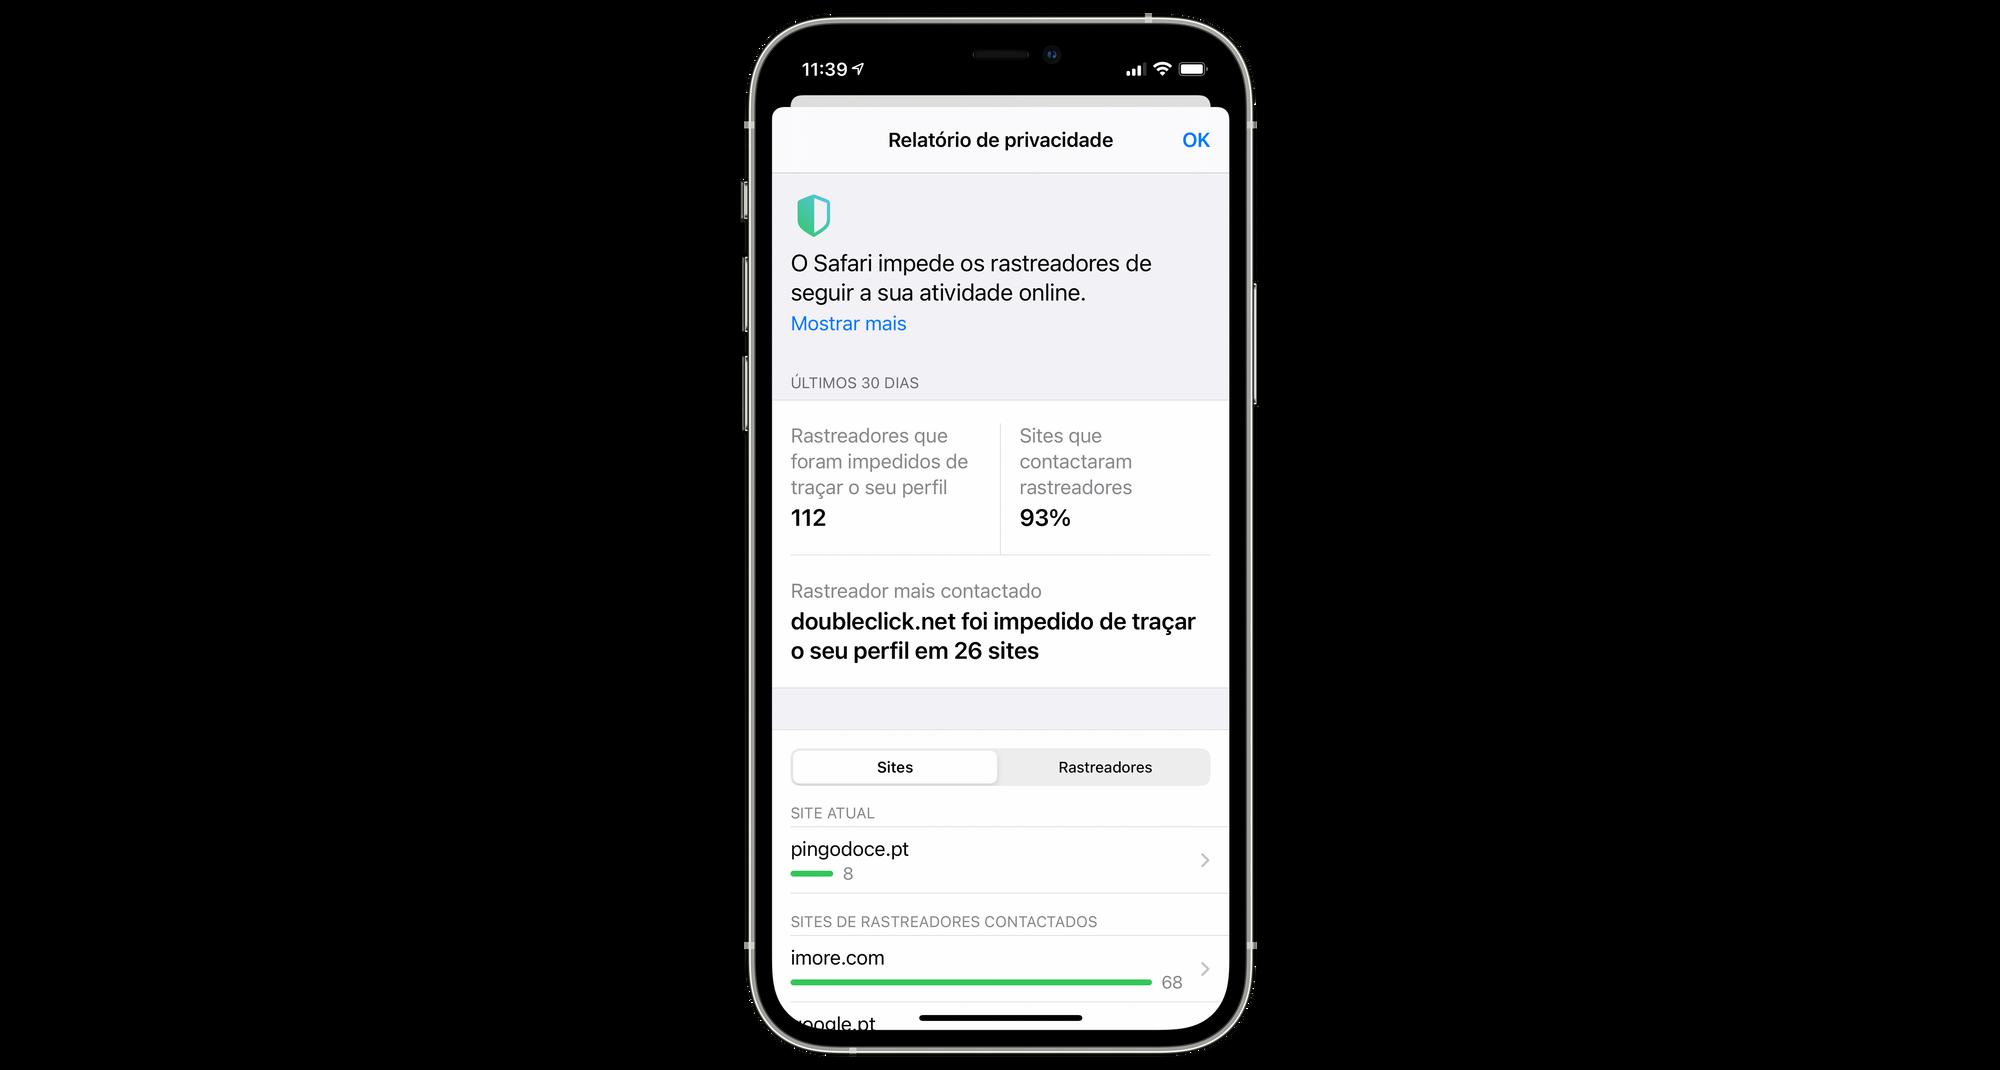 Controlar a privacidade no Safari no iPhone